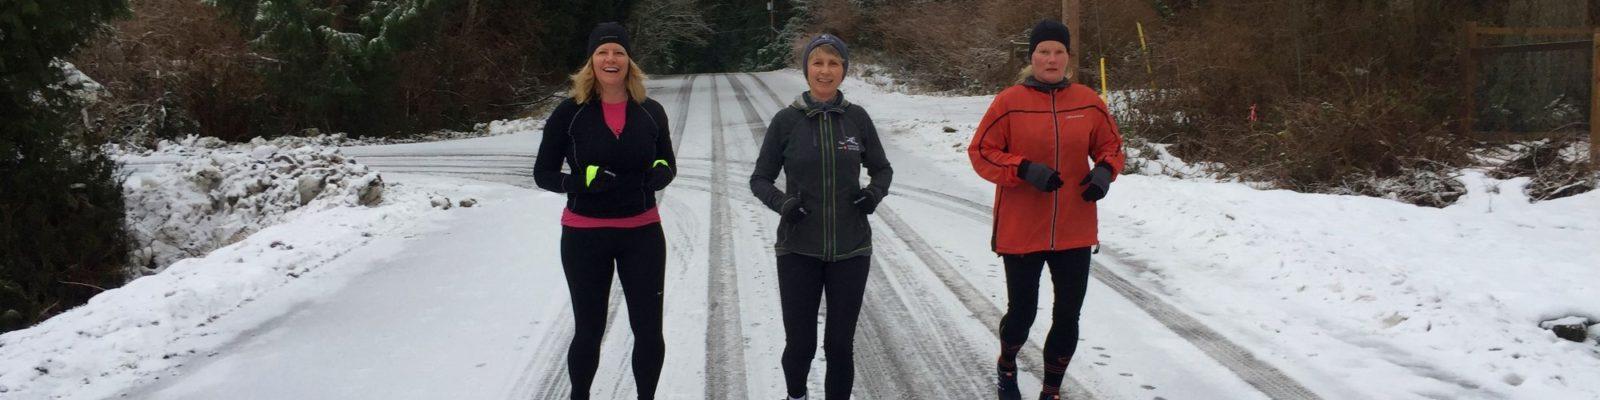 Snowy run 2016